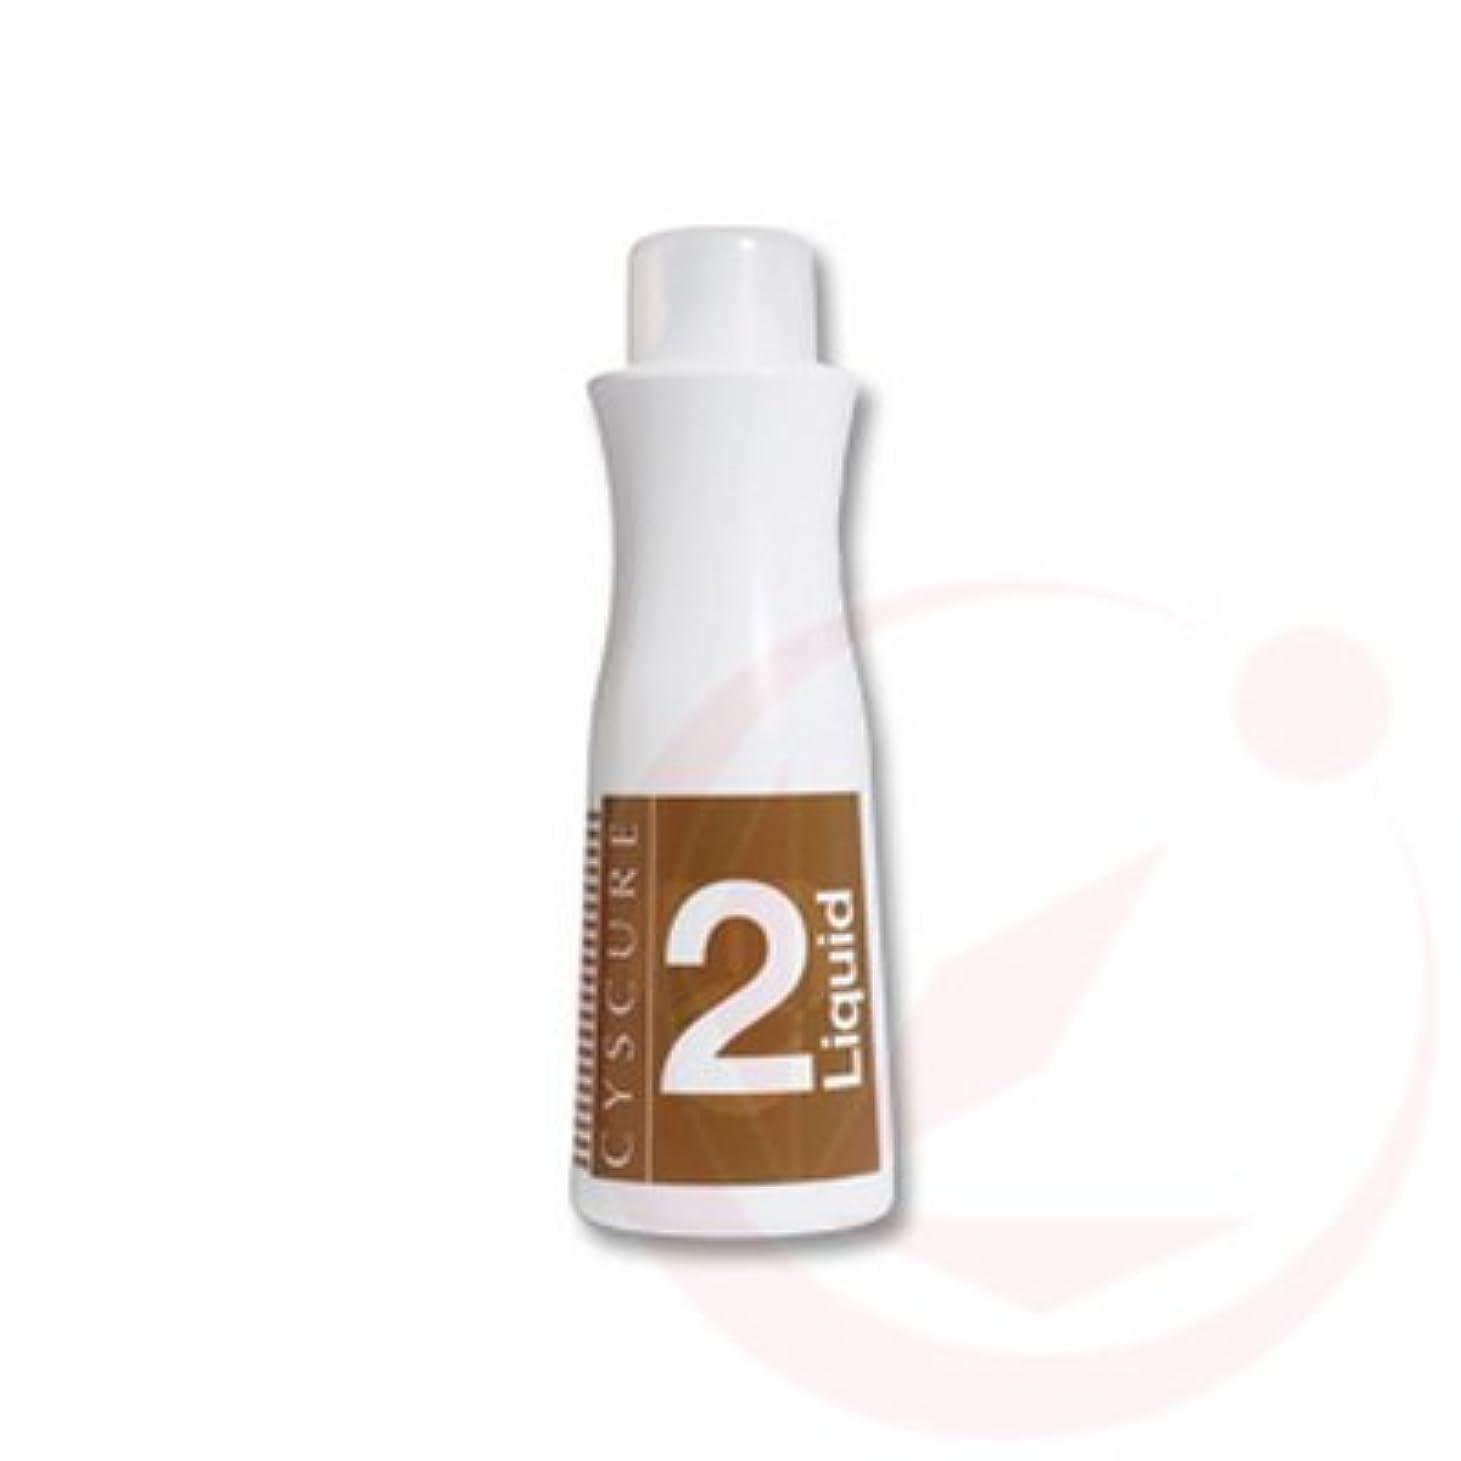 慣れるやりすぎはねかけるタマリス シスキュア2リキッド 1000g (パーマ剤/2剤)